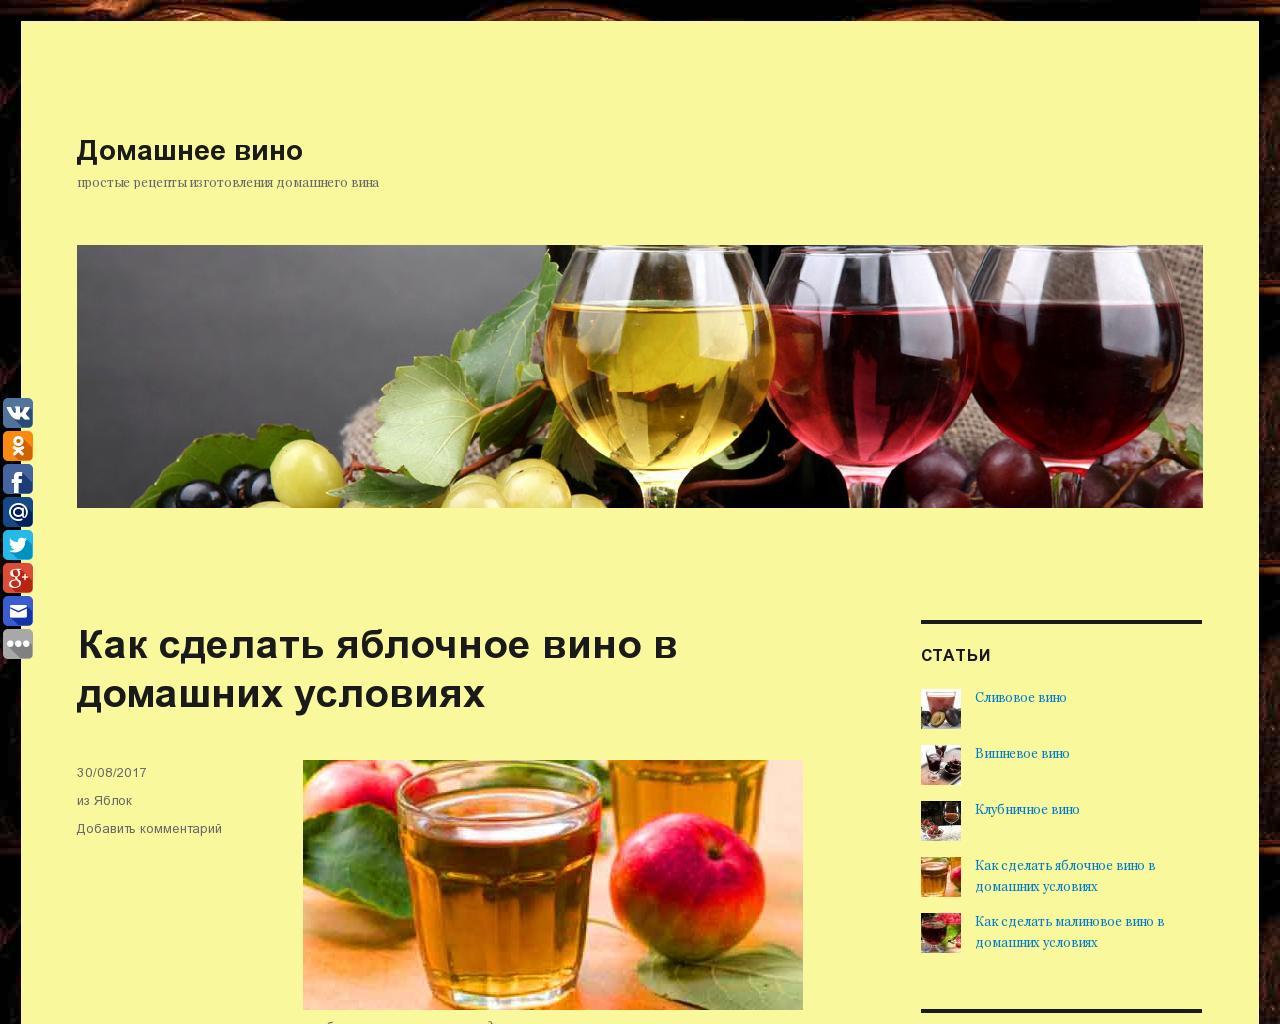 Как приготовить домашнее вино из черноплодной рябины 53